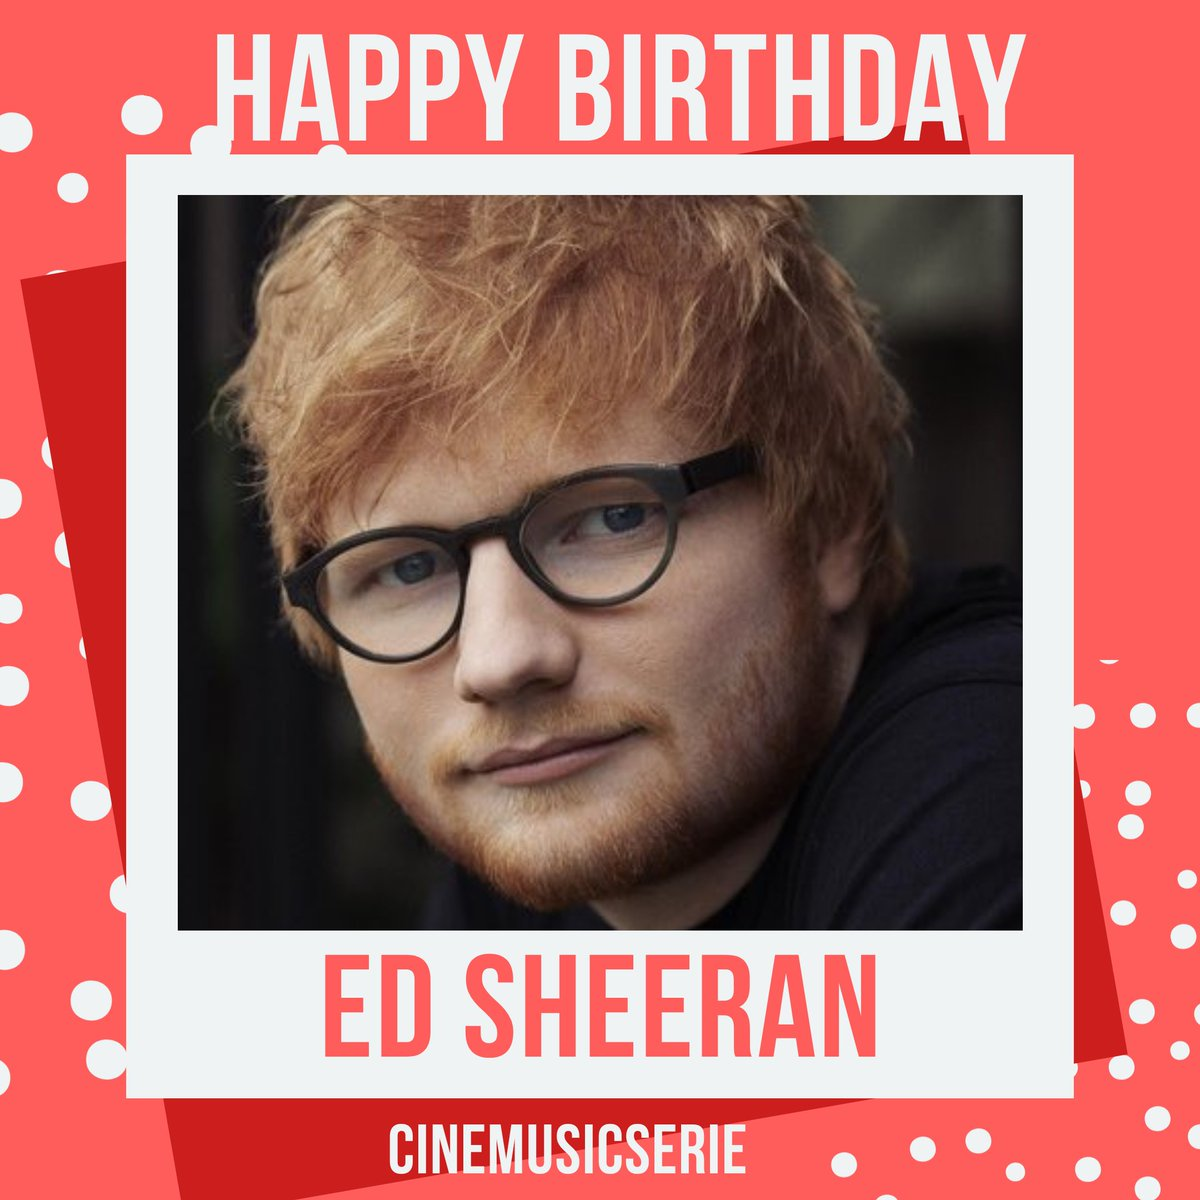 #HappyBirthdayEdSheeran  hoje o cantor e compositor @edsheeran Completa 29 anos .